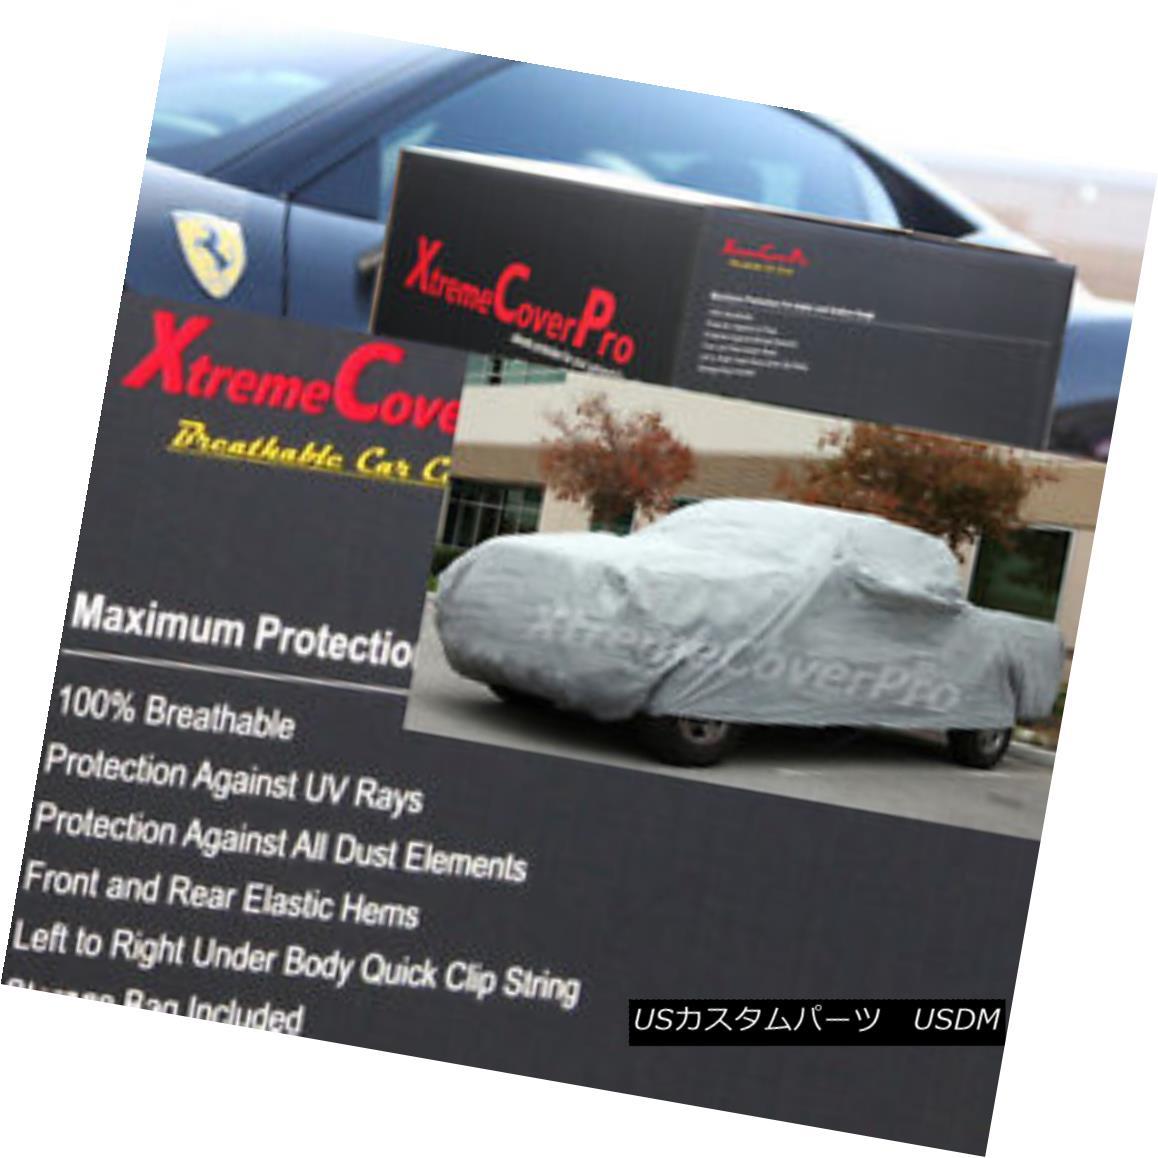 カーカバー 1994 1995 1996 1997 Dodge Ram 1500 Club Cab 6.5ft Bed Breathable Truck Cover 1994年1995年1996年1997年ドッジラム1500クラブキャブ6.5ftベッド通気性トラックカバー